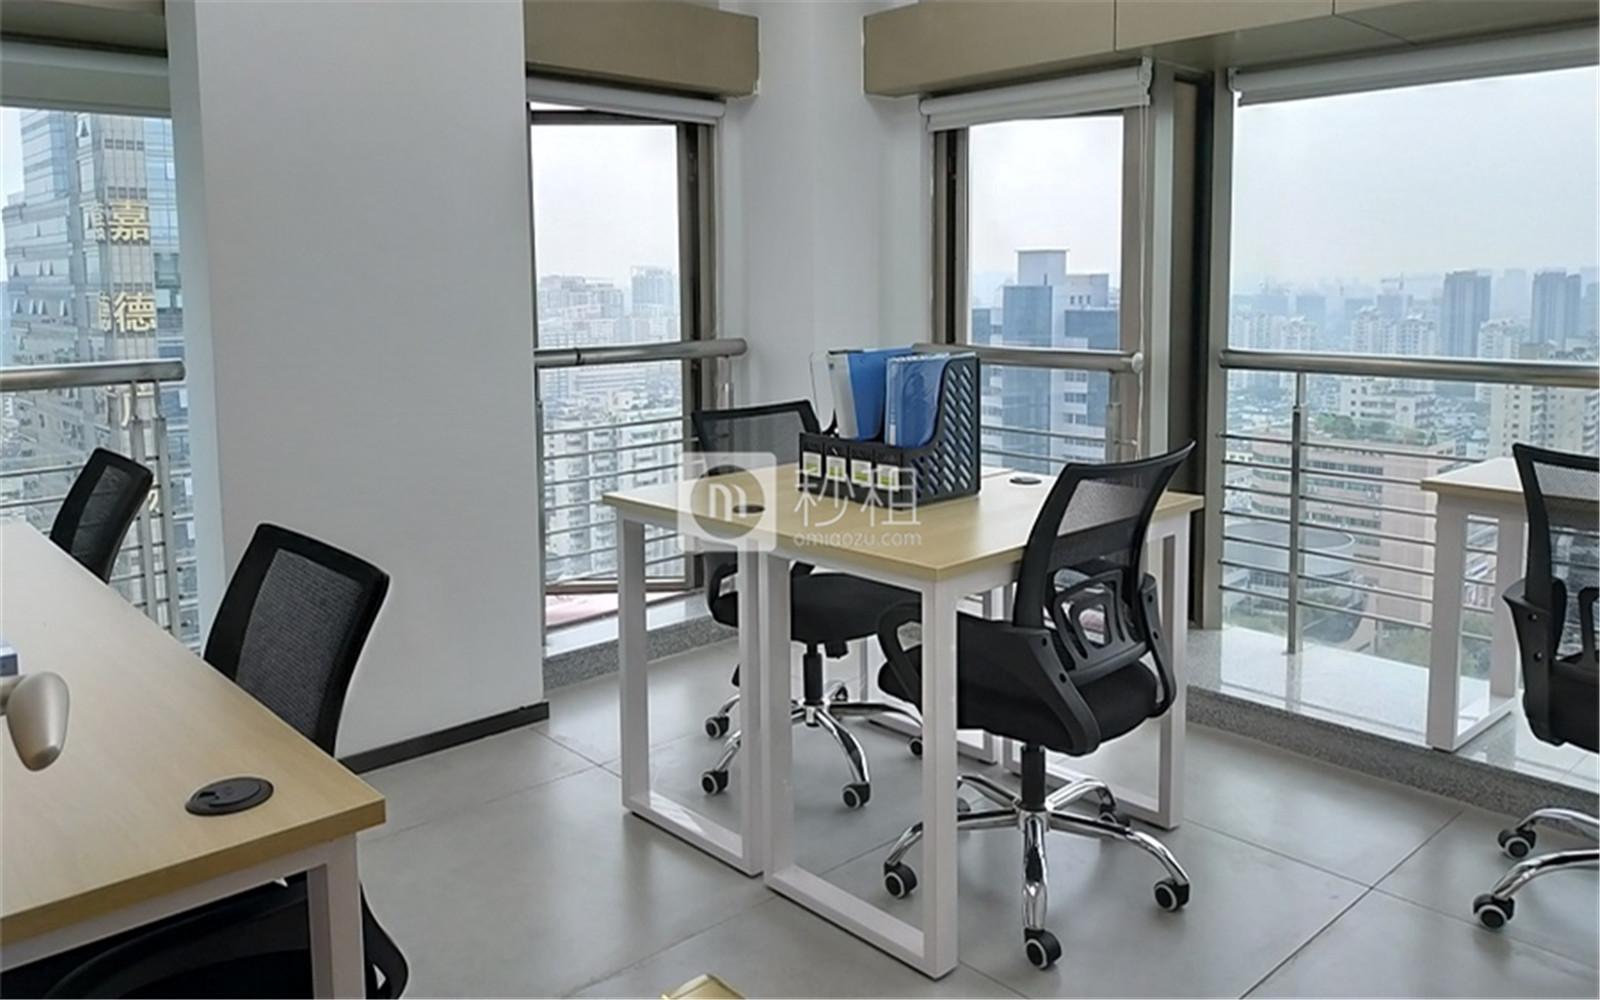 创富港-瑞丰国际商务大厦写字楼出租5平米精装办公室700元/工位.月